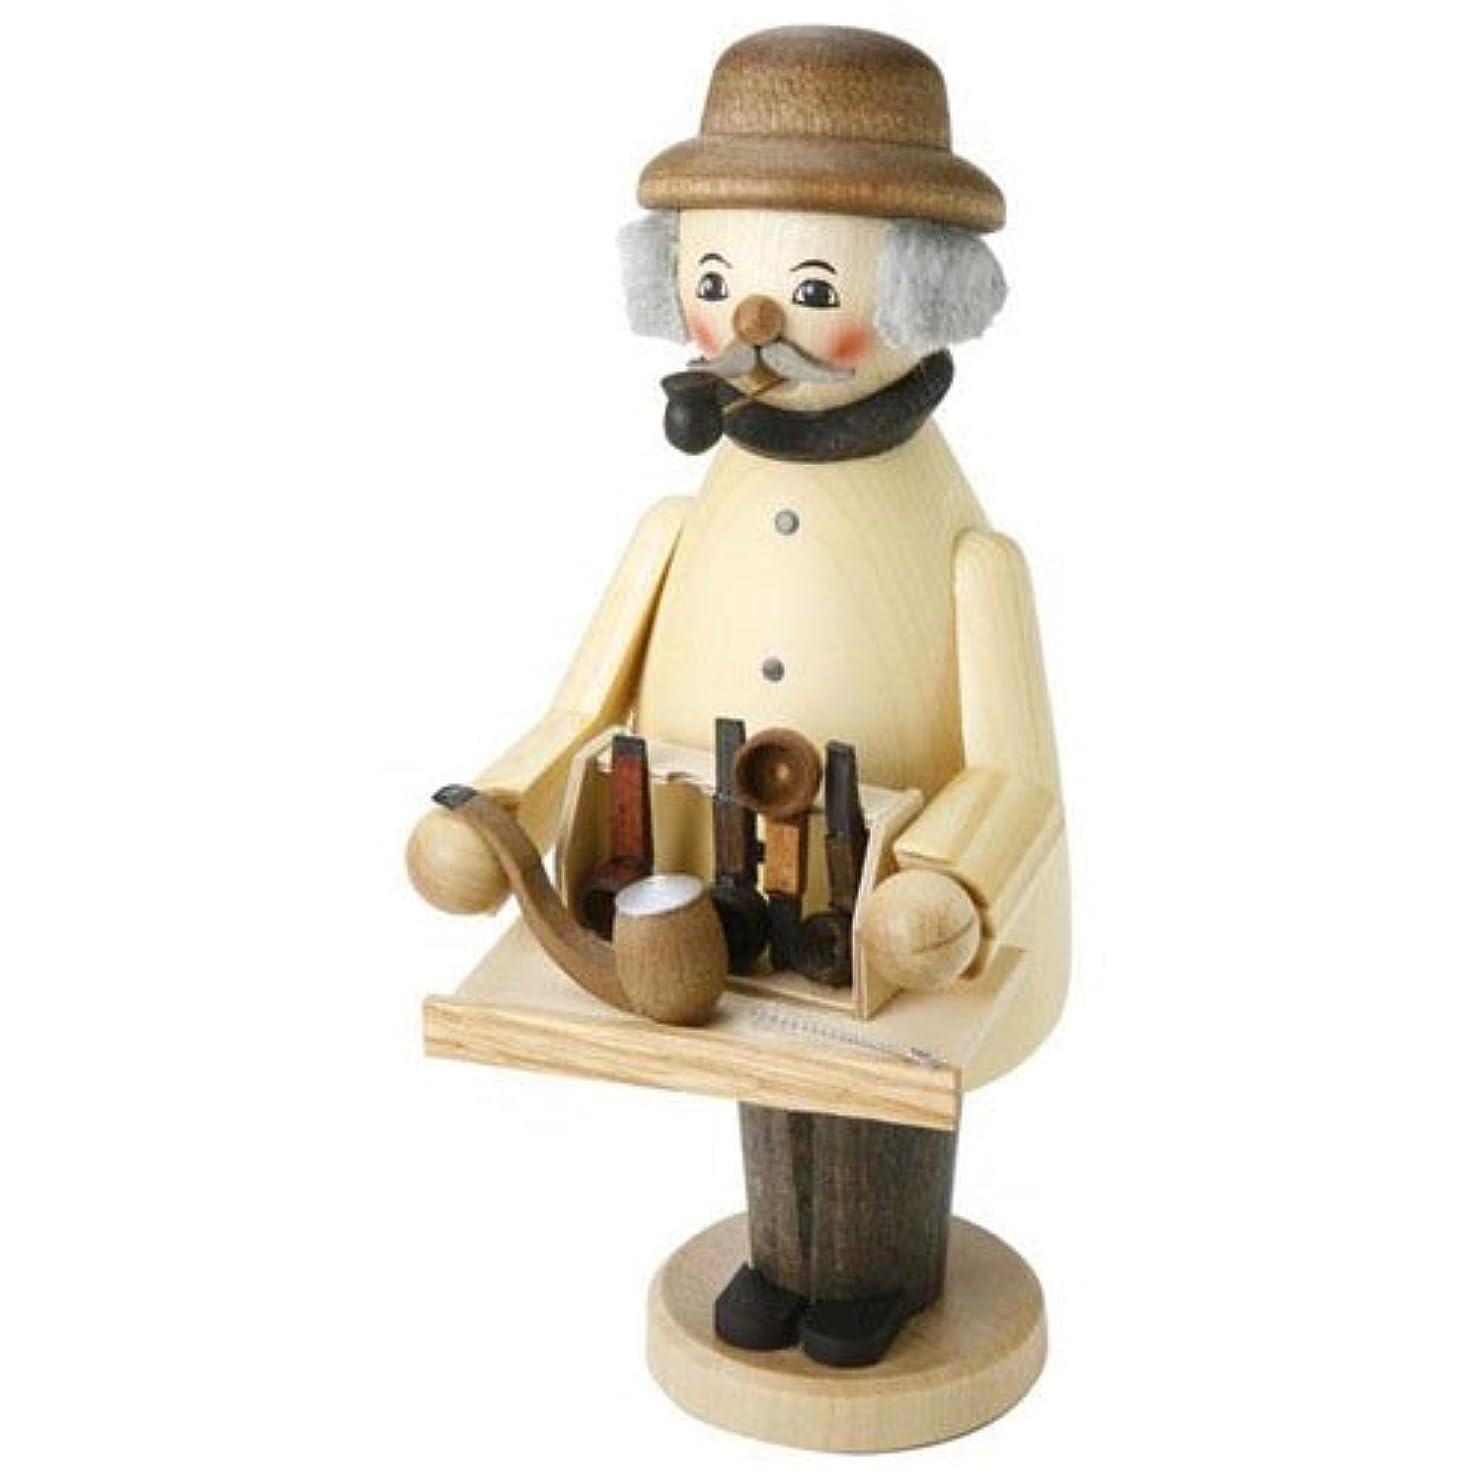 鷲精巧な言語39089 Kuhnert(クーネルト) ミニパイプ人形香炉 パイプ売り